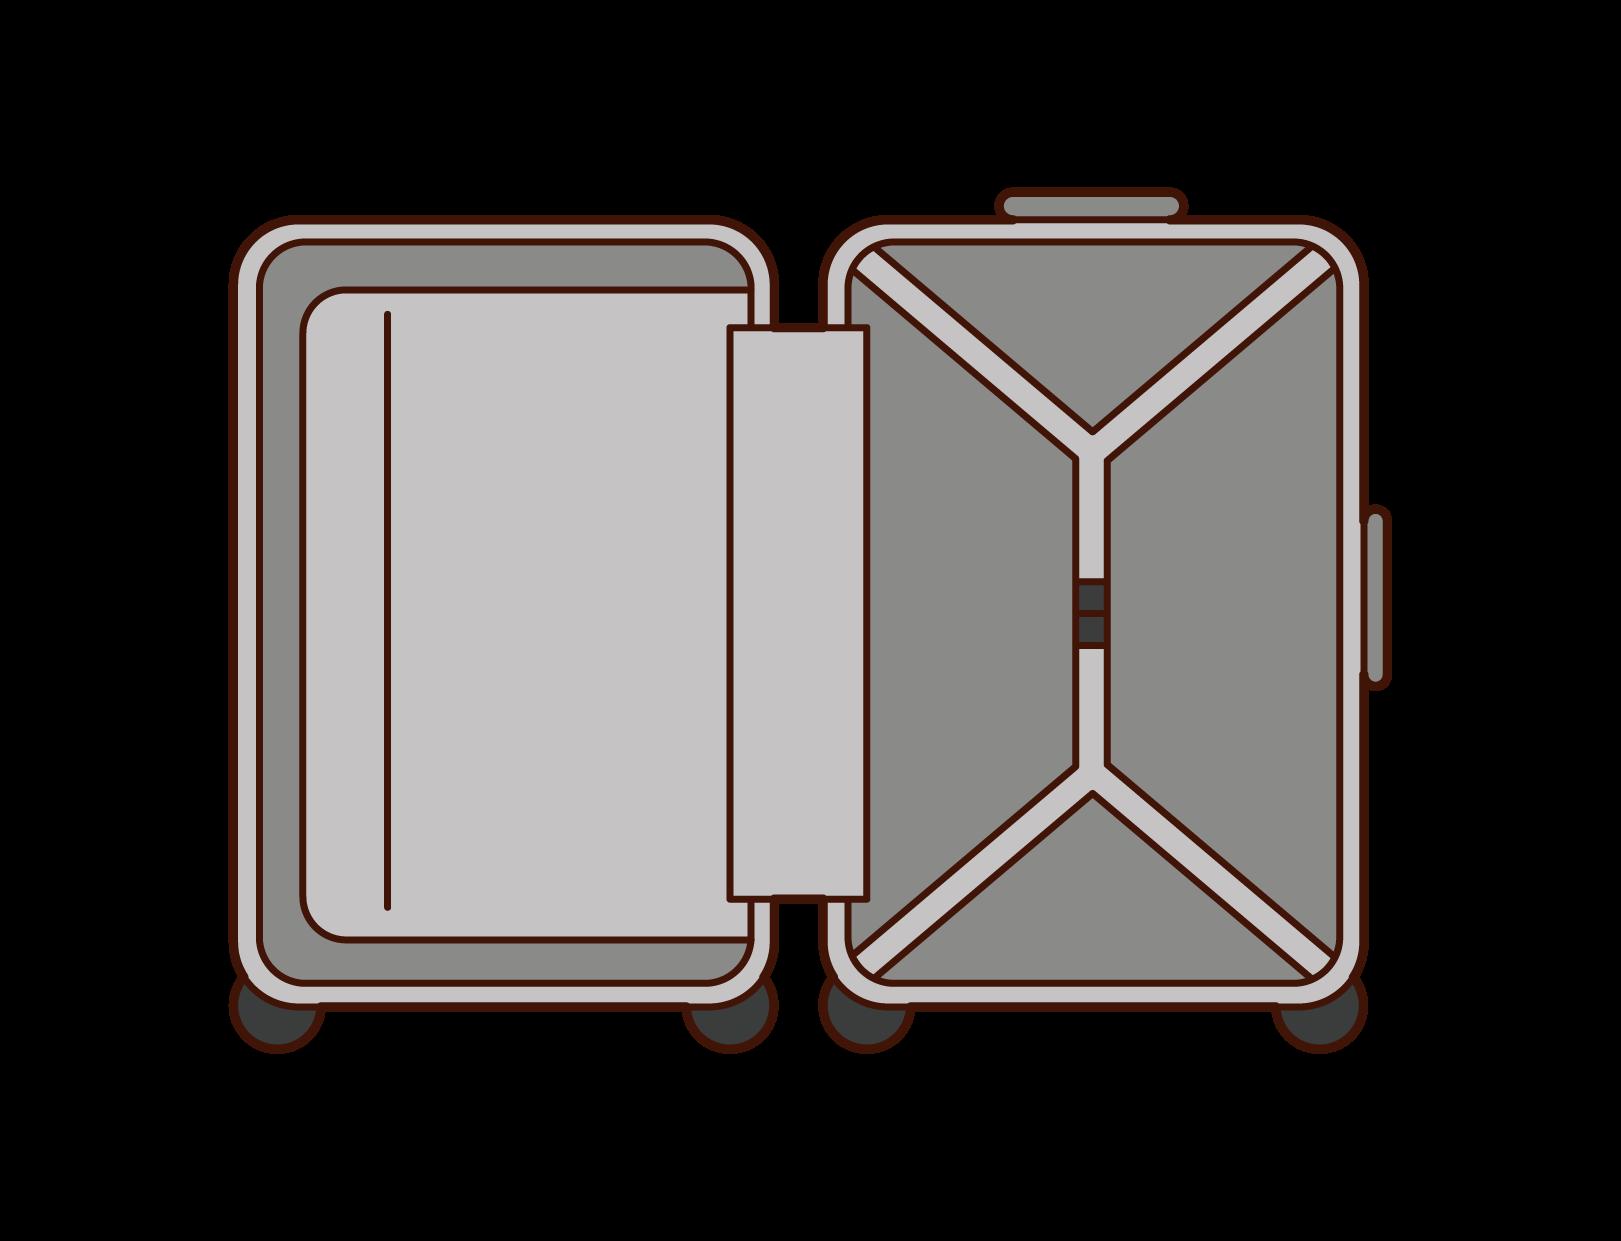 スーツケース・キャリーケースの内側のイラスト